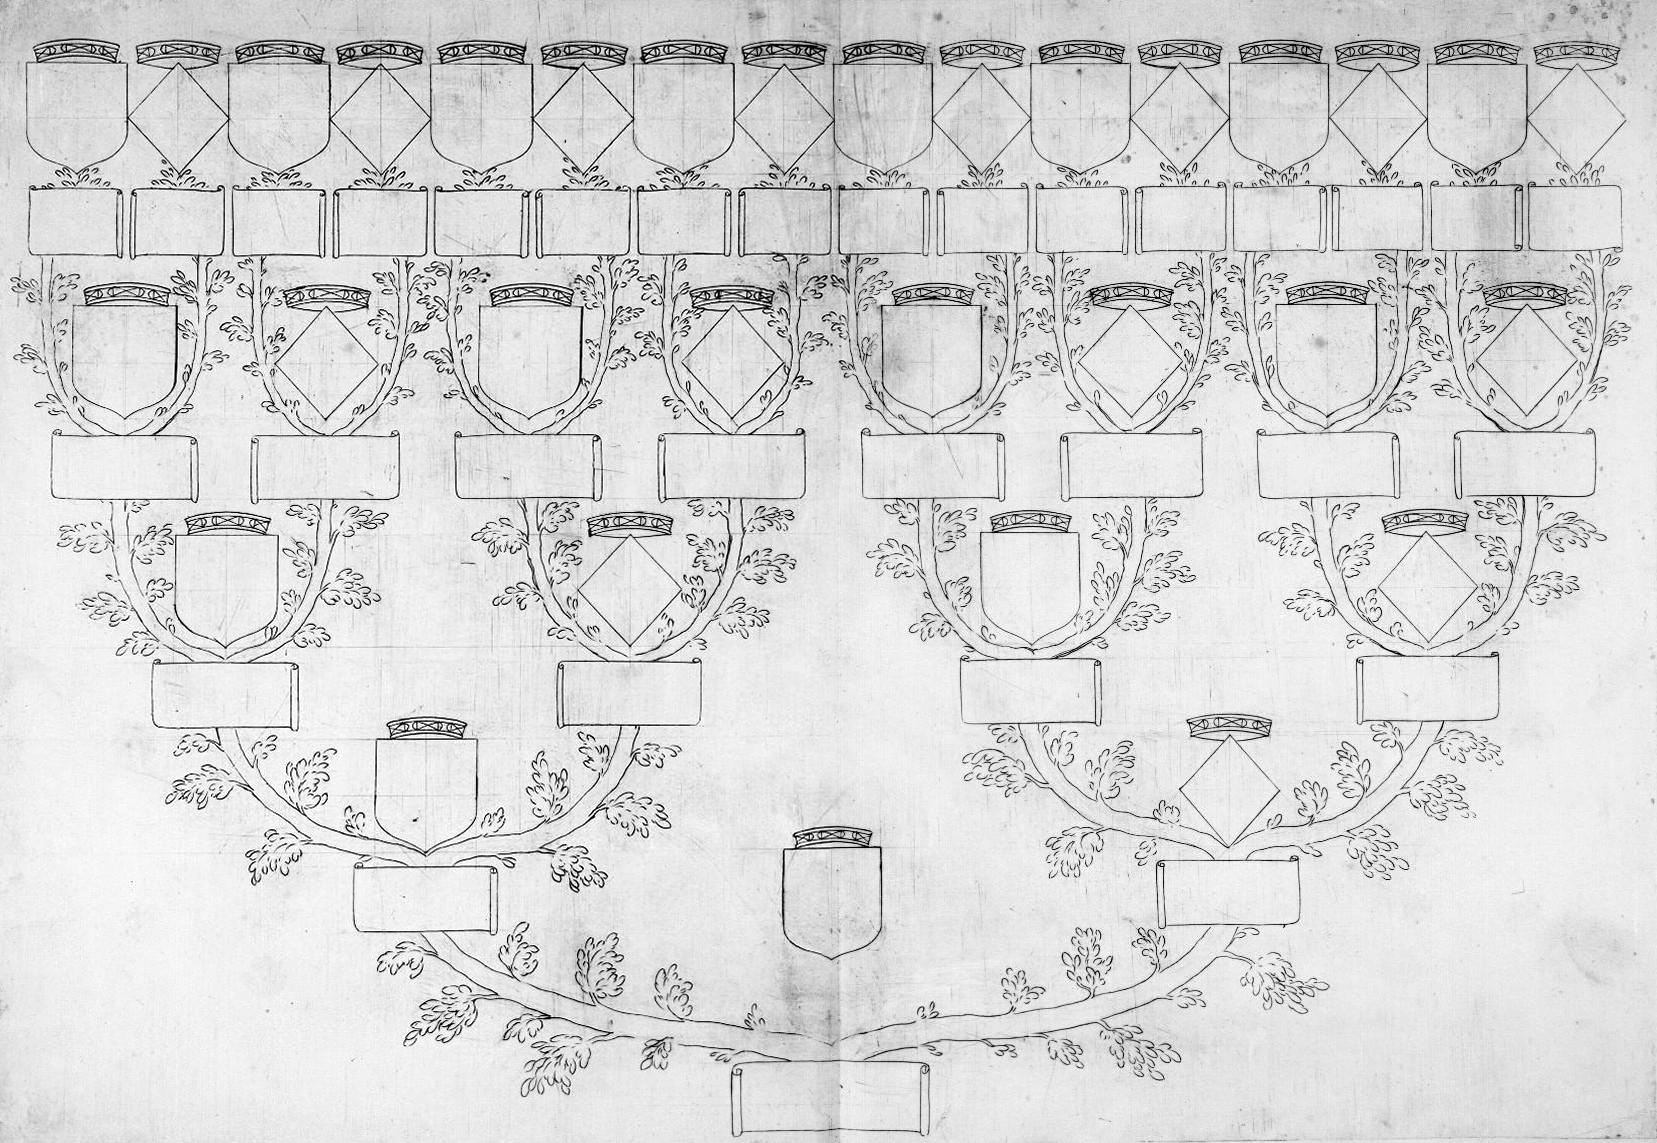 Cadeau un arbre g n alogique peindre ou colorier compl ter illustrer yvon g n alogie - Arbre genealogique dessin ...